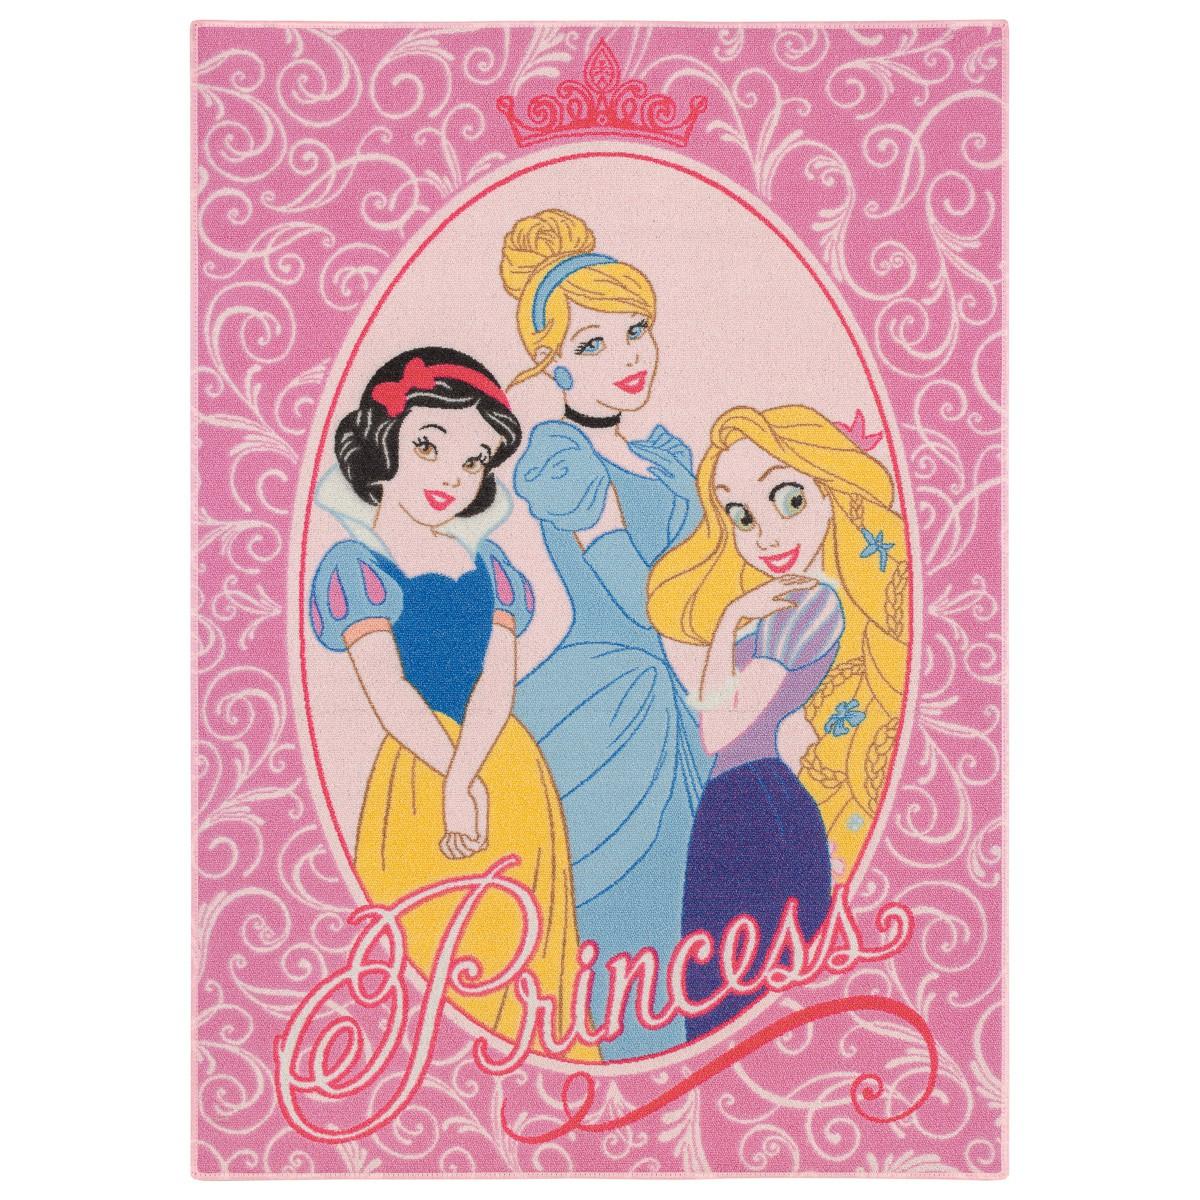 Teppich Kinderteppich Princess Glamour Teppich Prinzessin